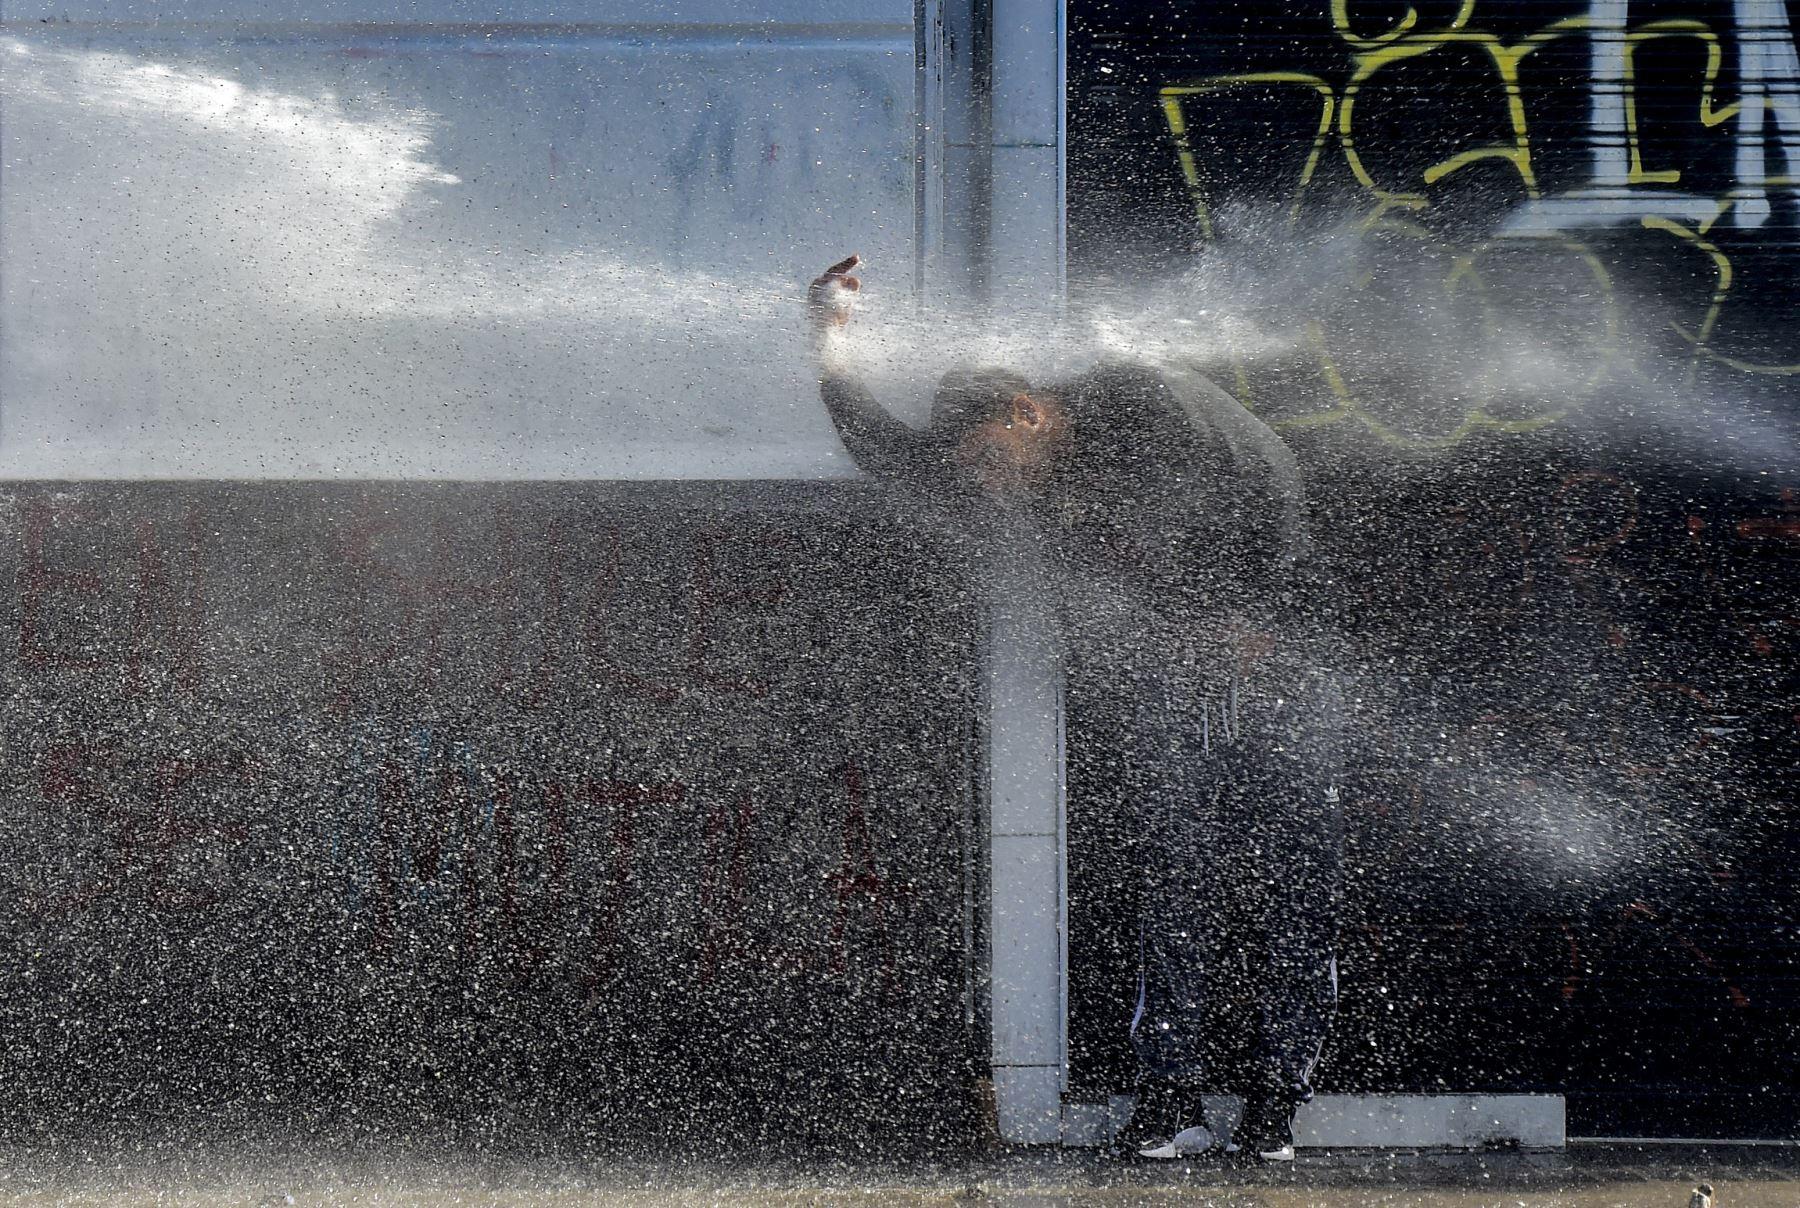 Un cañón de agua de la policía rocía a un manifestante durante una protesta contra el gobierno del presidente chileno Sebastián Piñera en Viña del Mar, durante el Festival de Música de Viña del Mar. AFP